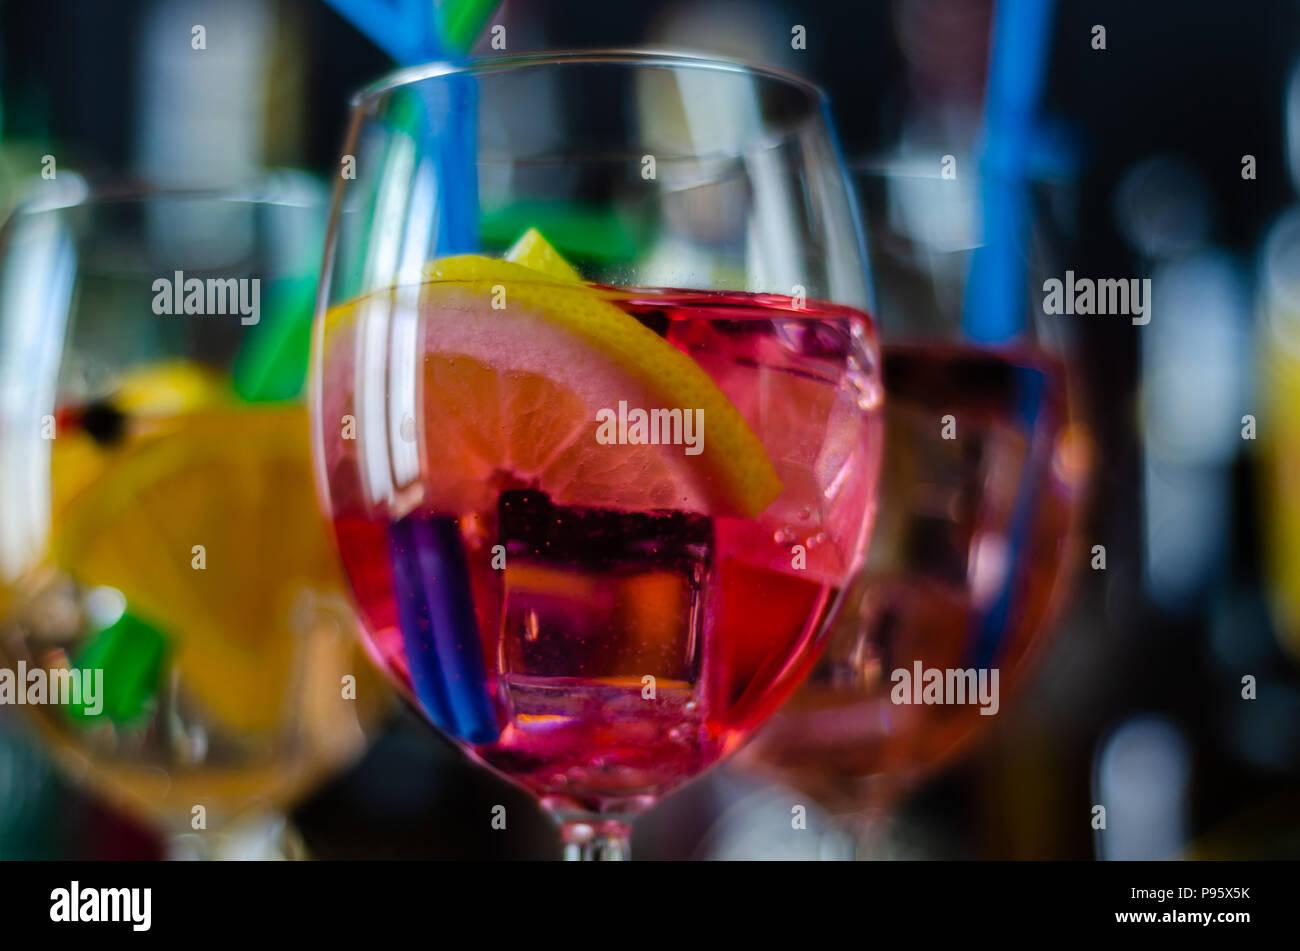 Fresca e dissetante cocktail a base di gin, un caratteristico aroma di erbe, bar Foto Stock